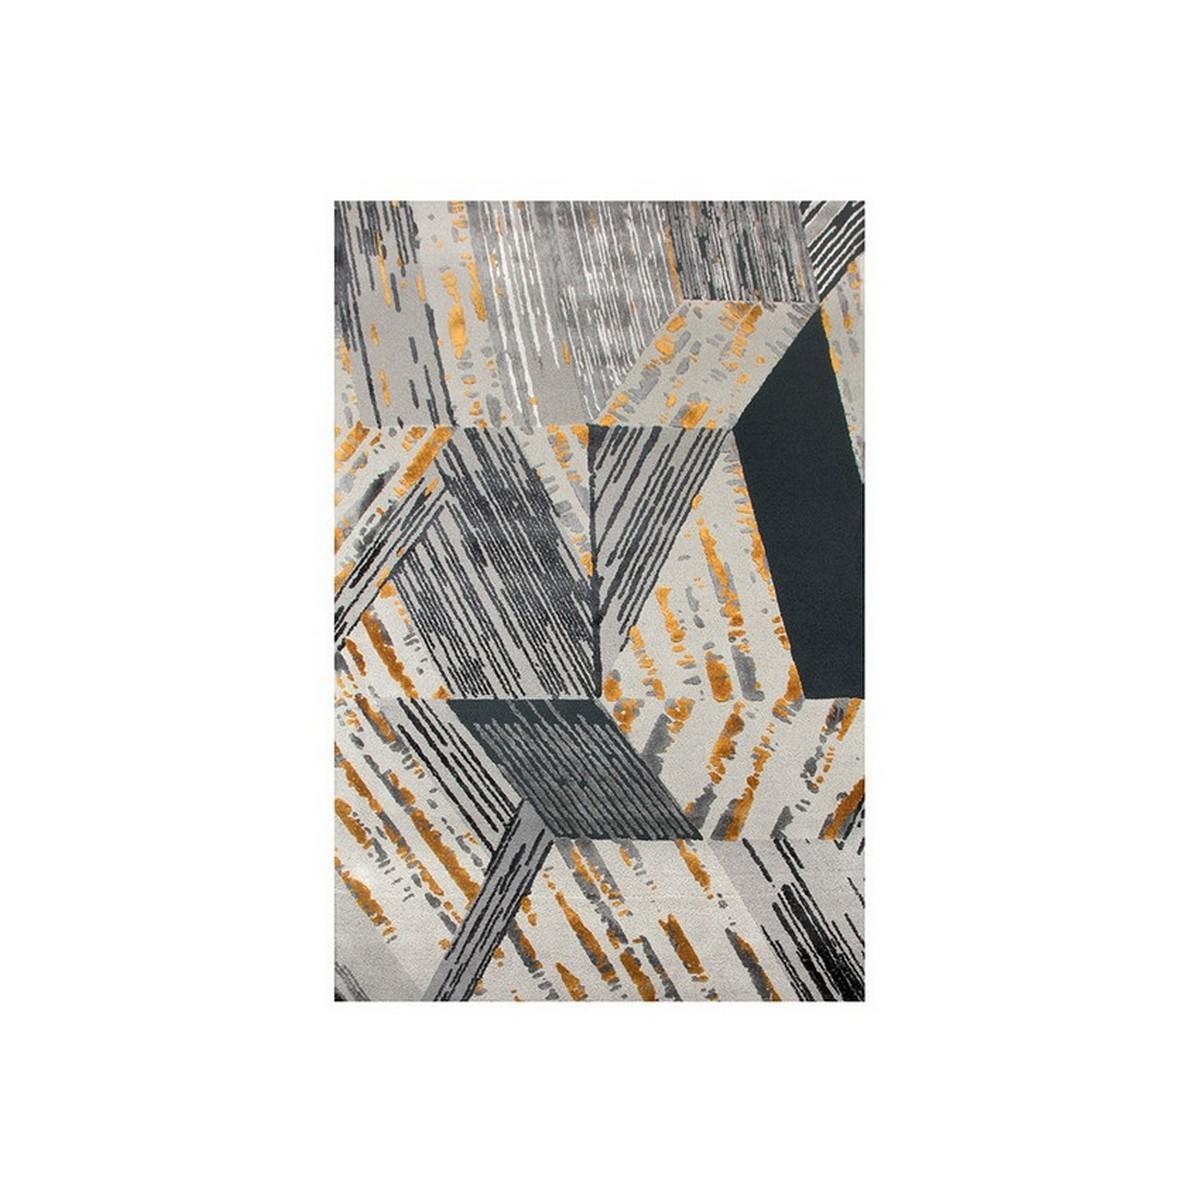 Diseño de Interiores: Composición, fidelidad y resiliencia en tonos Gris diseño de interiores Diseño de Interiores: Composición, fidelidad y resiliencia en tonos Gris xisto geometrical rug rugsociety 01